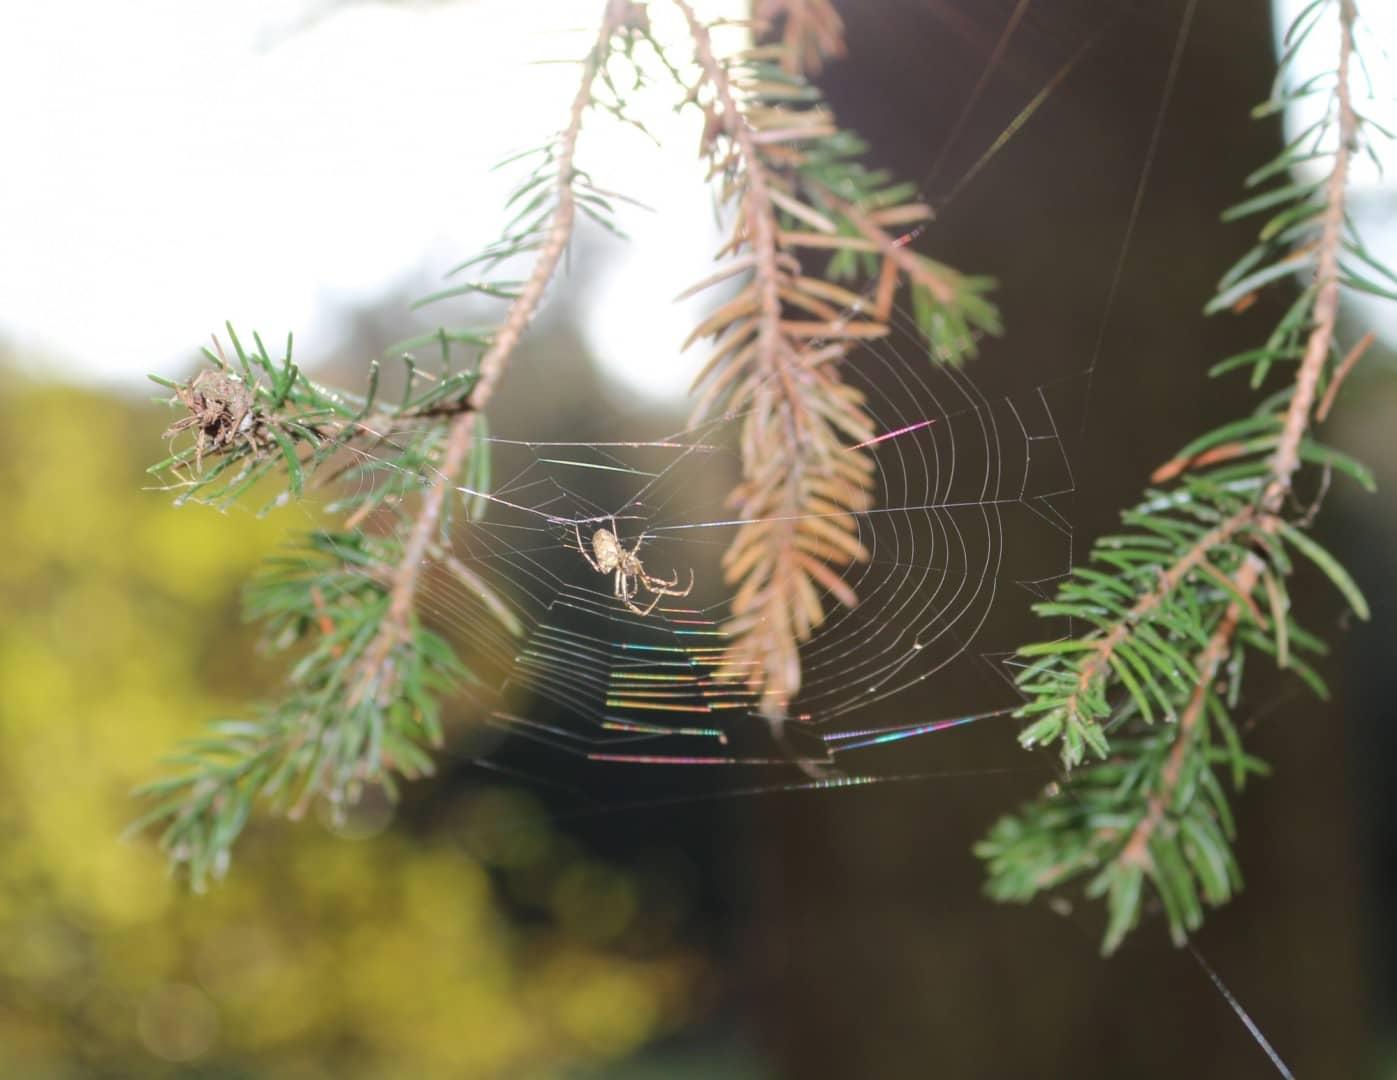 Spinne im Herbstlicht - von Andrea Meyerhöfer